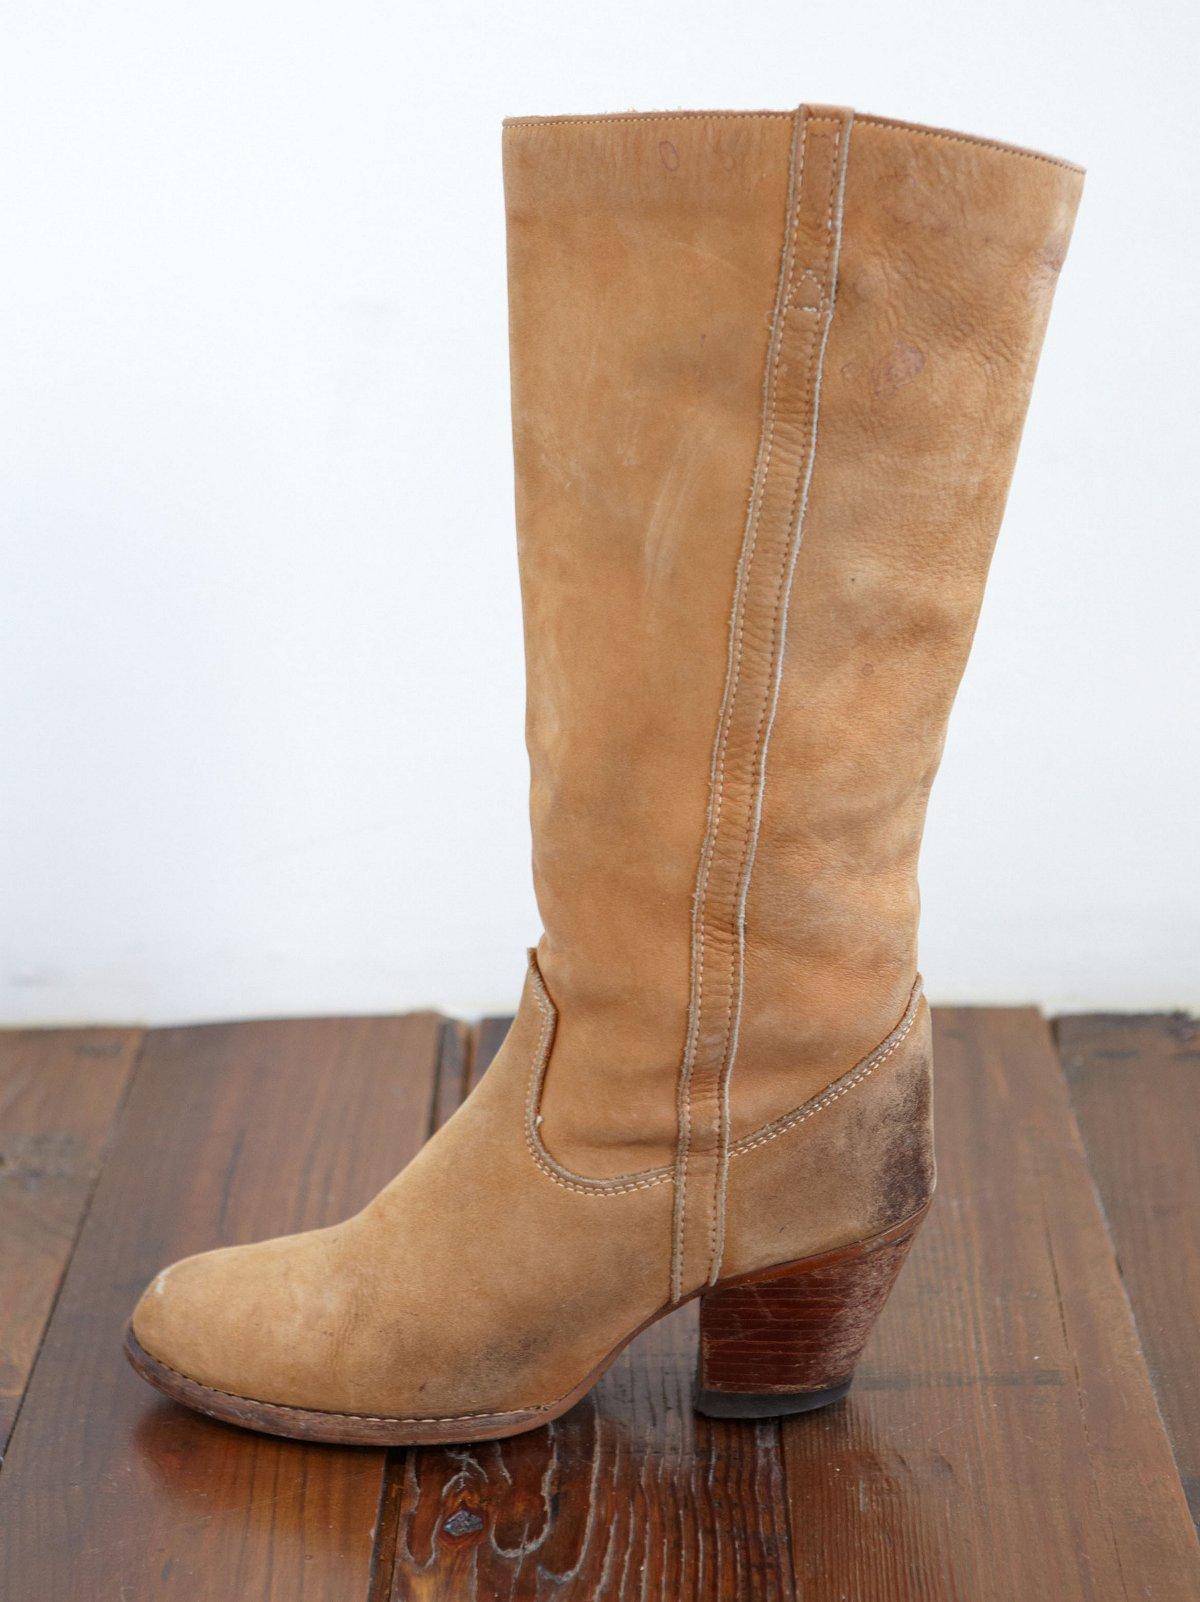 Vintage Tan Leather Cowboy Boots